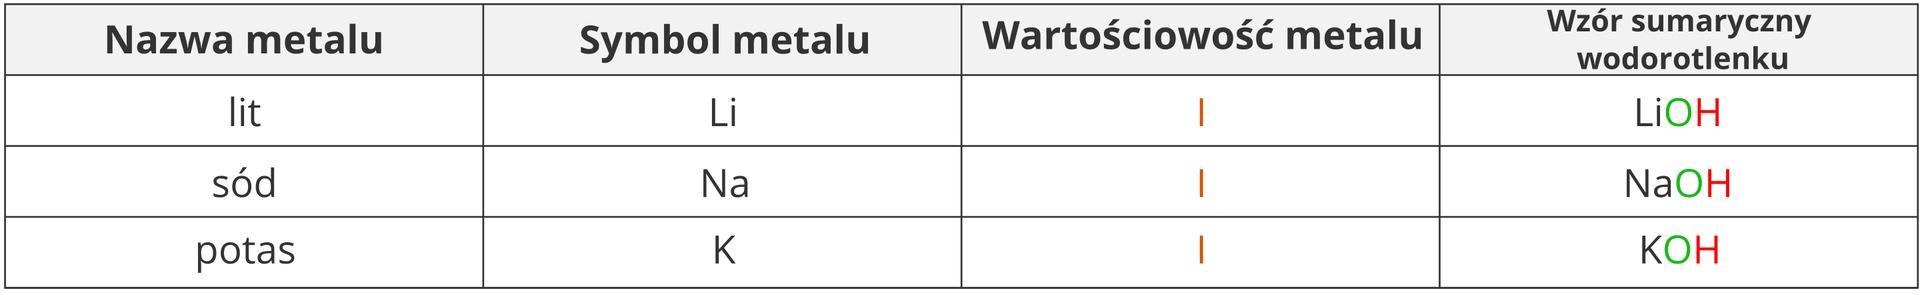 Tabela zprzykładowymi wzorami wodorotlenków powstałych zmetali owartościowości jeden. Przedstawiono tutaj wodorotlenek litu owzorze LiOH, wodorotlenek sodu owzorze NaOH oraz wodorotlenek potasu owzorze KOH.